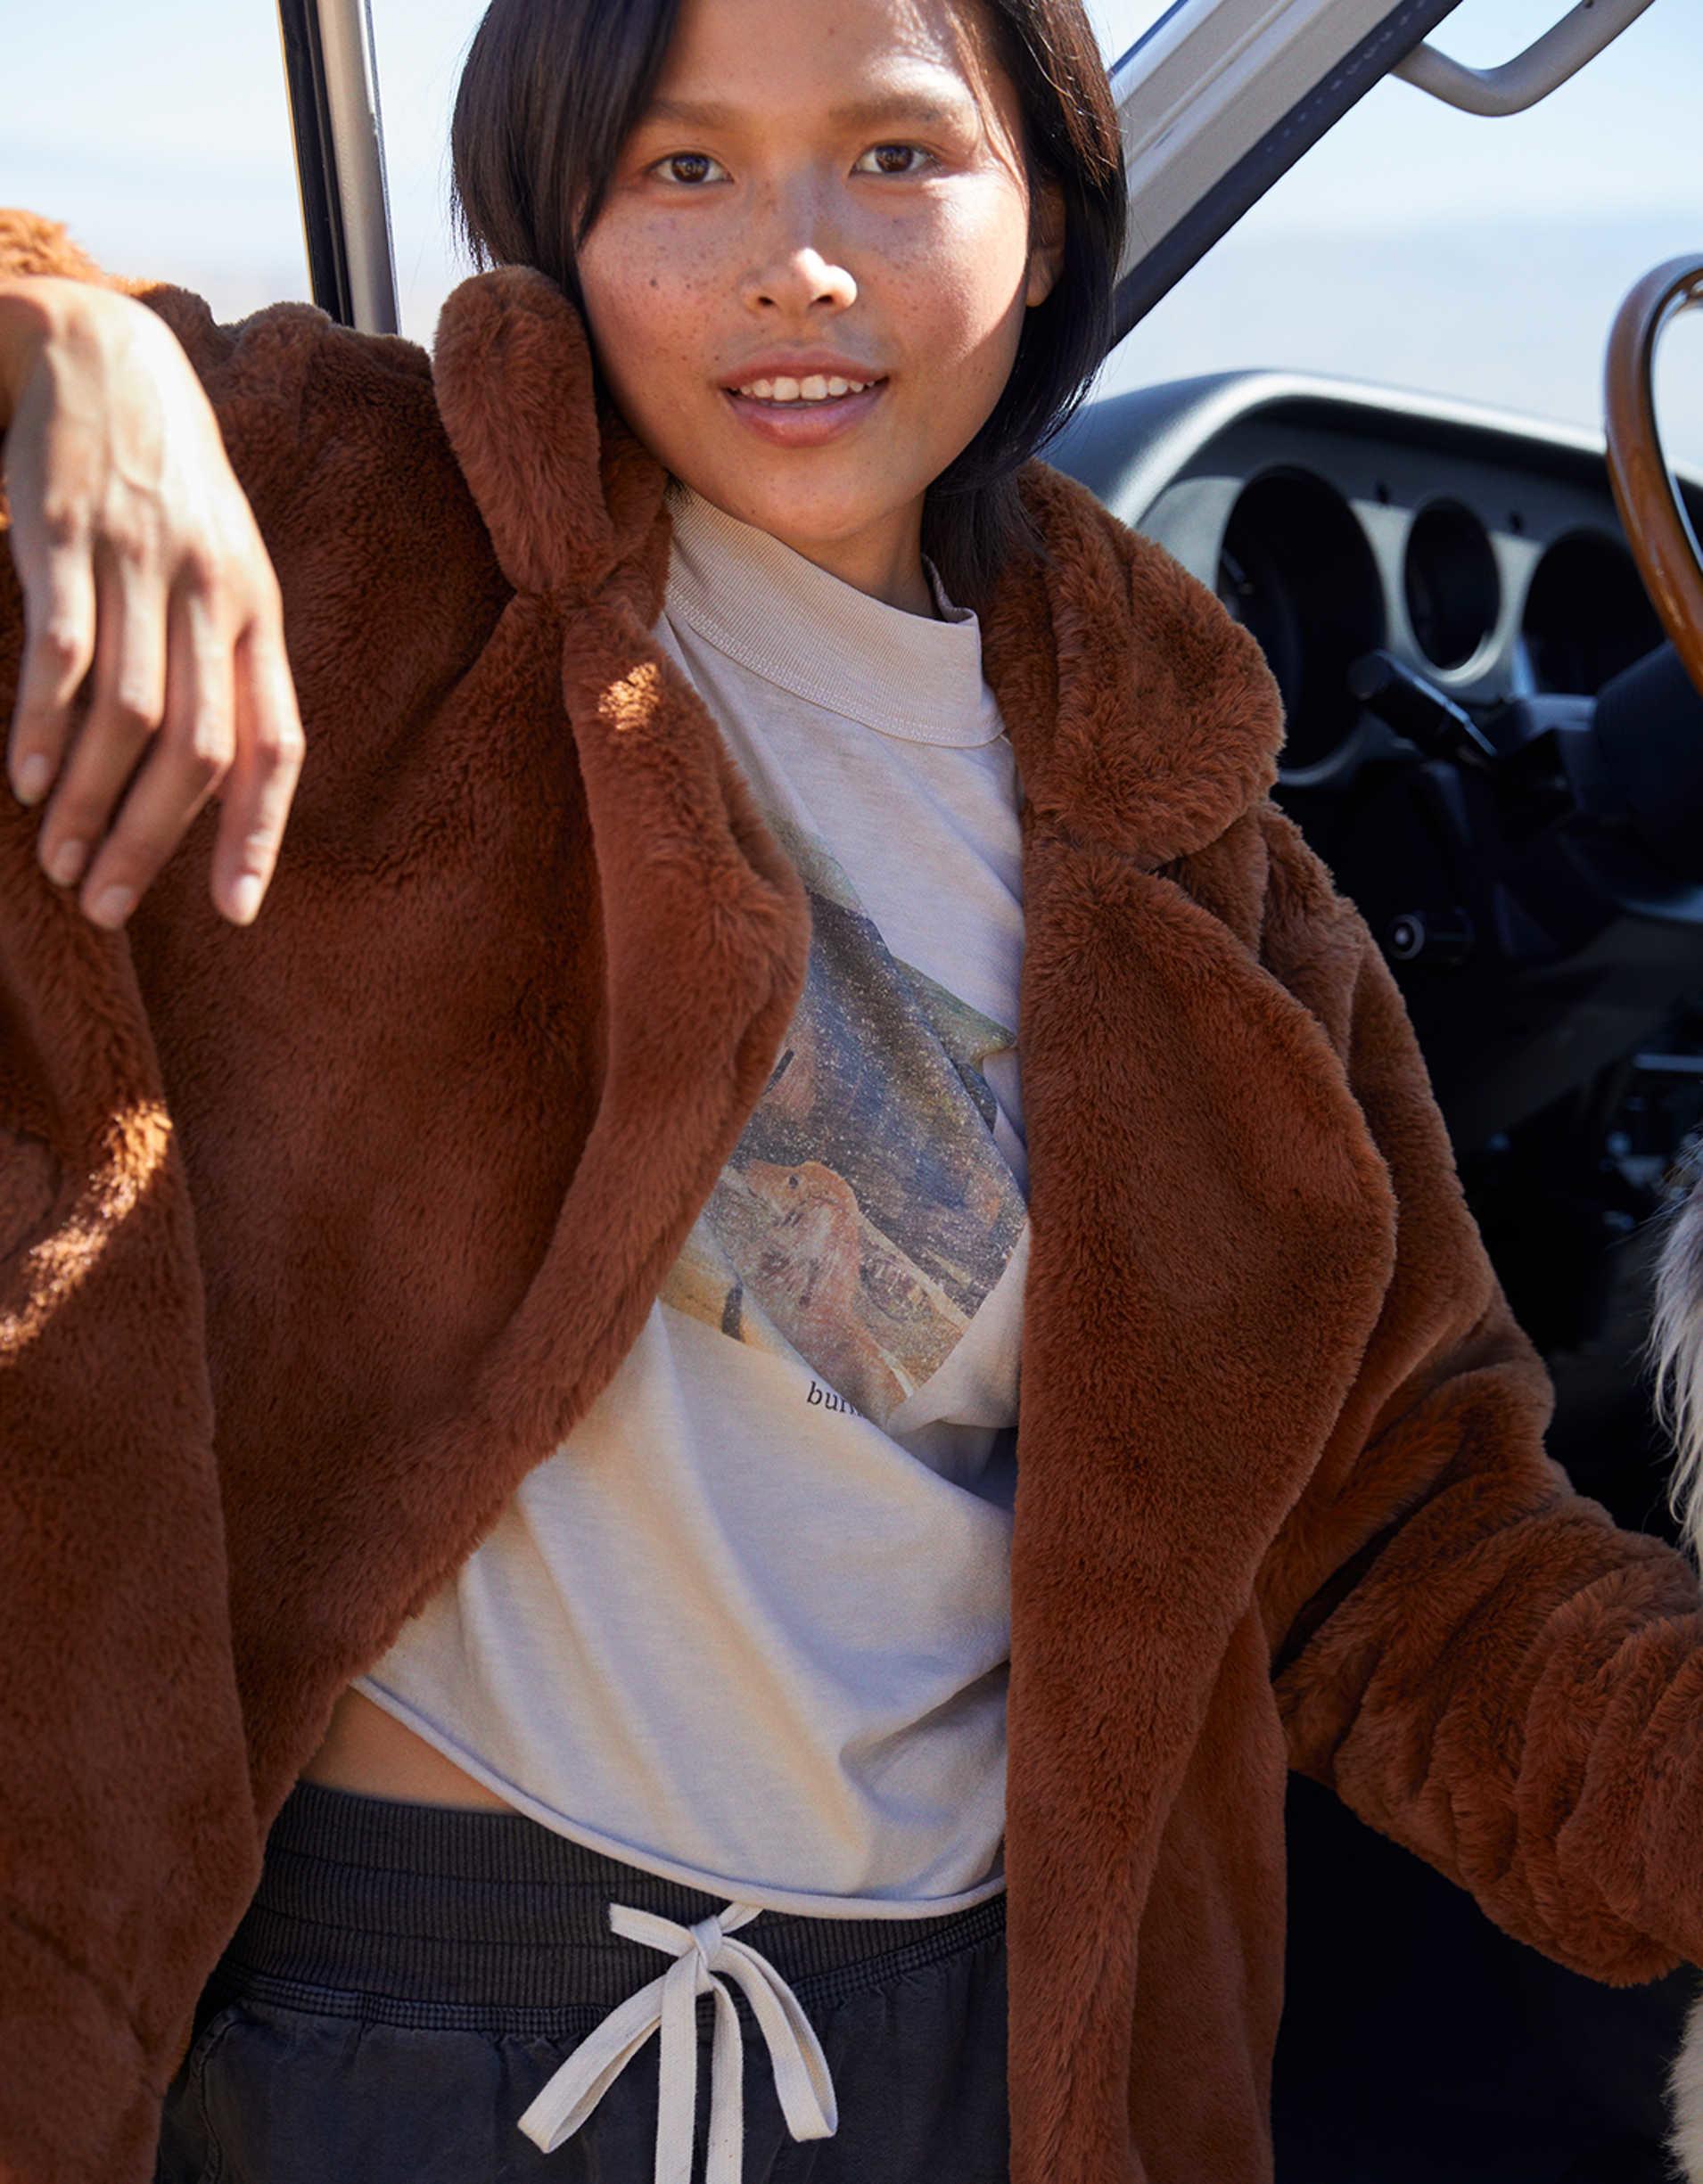 Model wearing the teddy-bear style jacket in brown